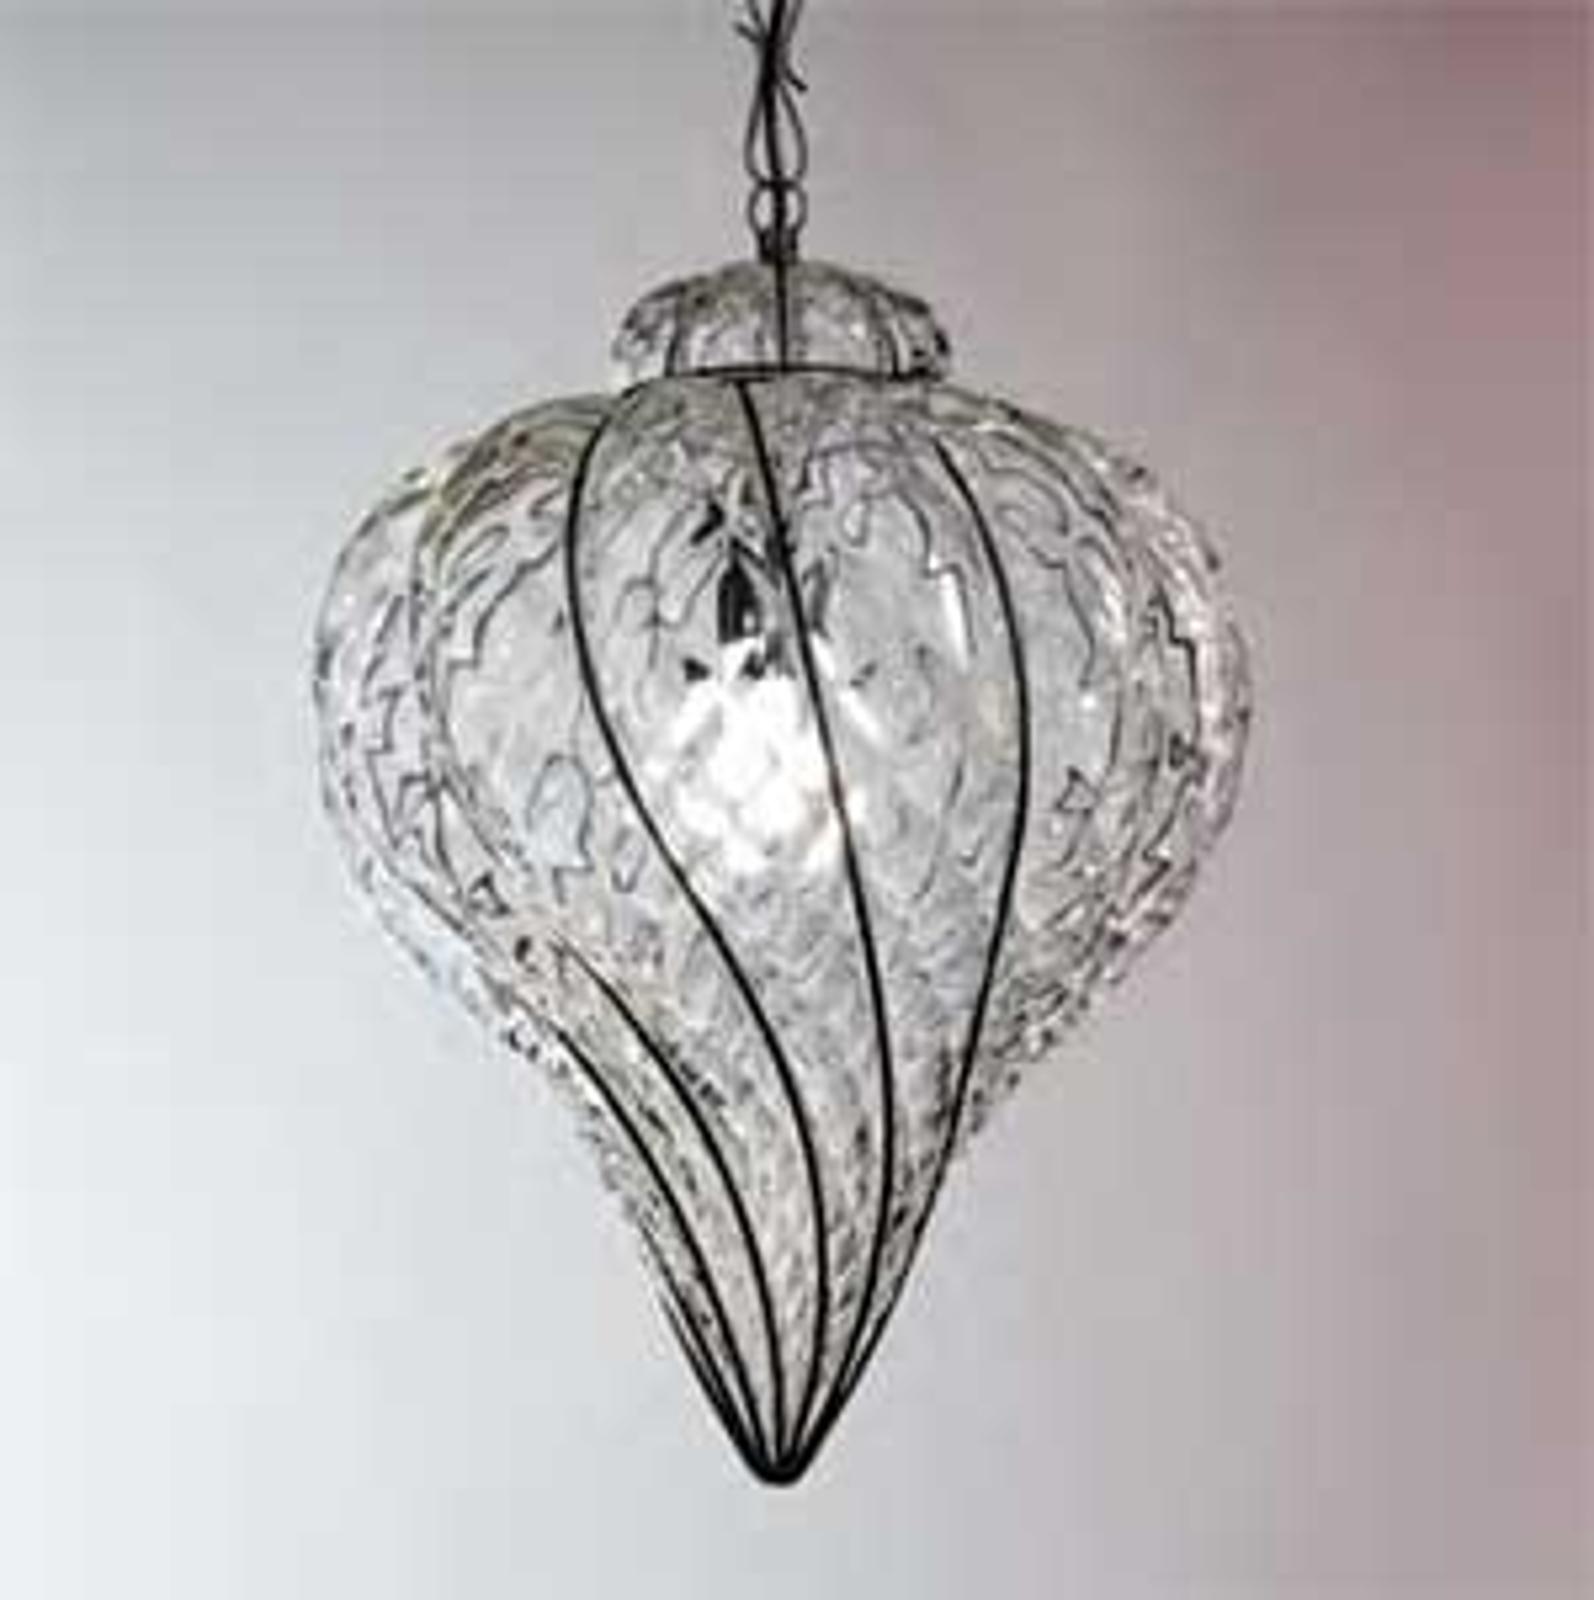 Lampa wisząca GOCCIA ze szkła dmuchanego 37 cm